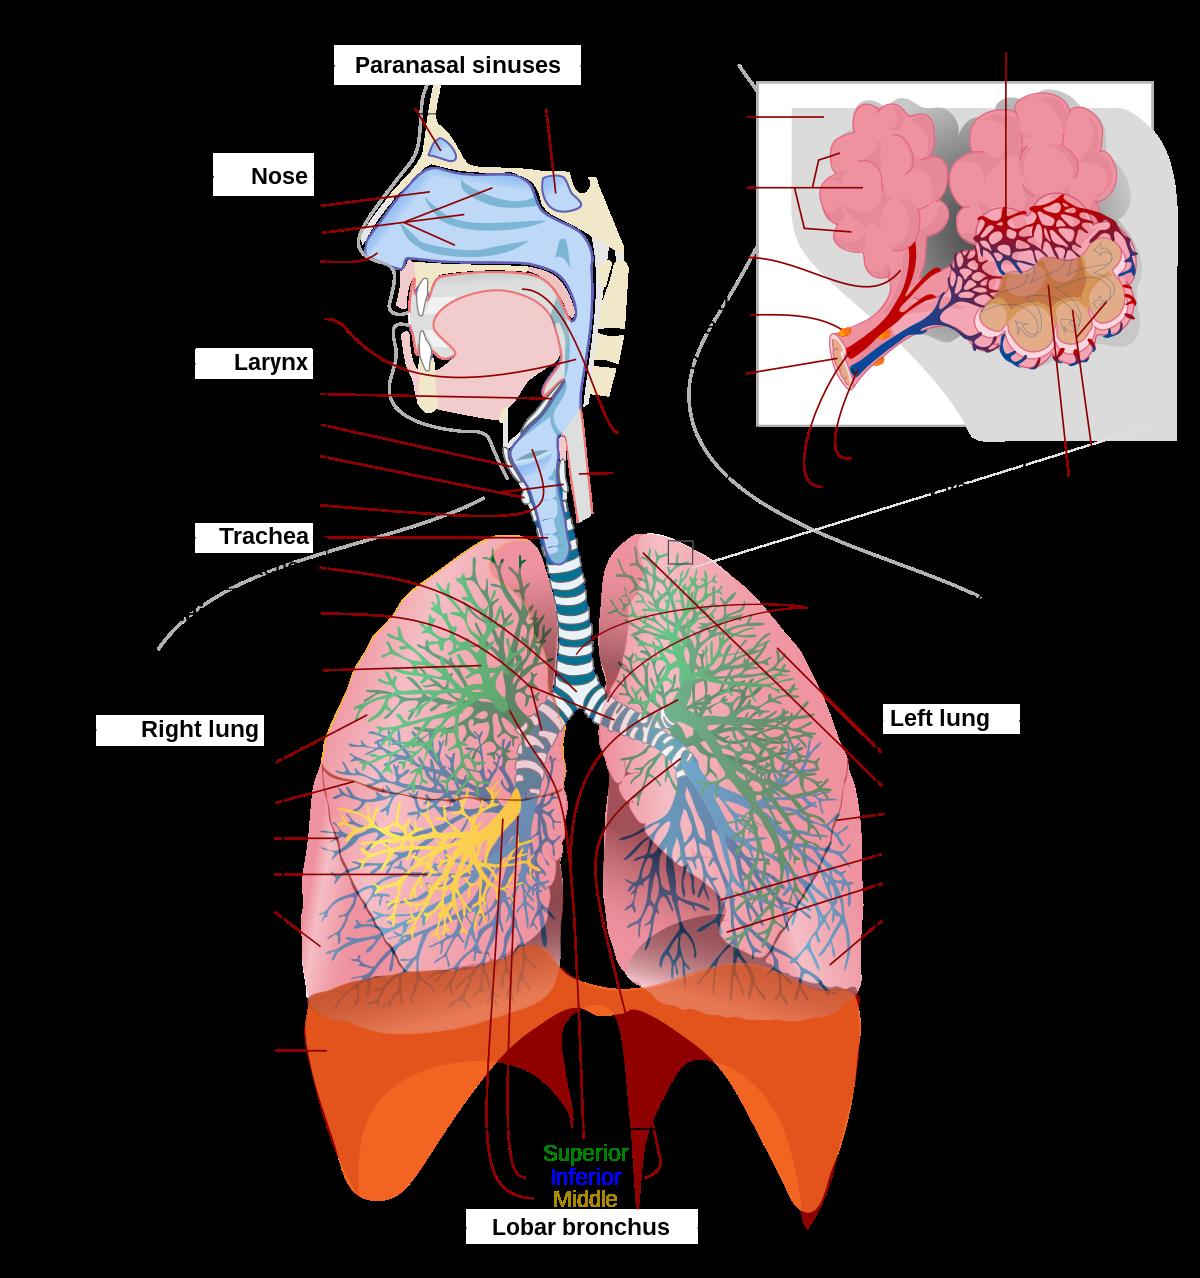 Nehézlégzés és légszomj – Mi okozhatja? A légzés orvosságokat okoz